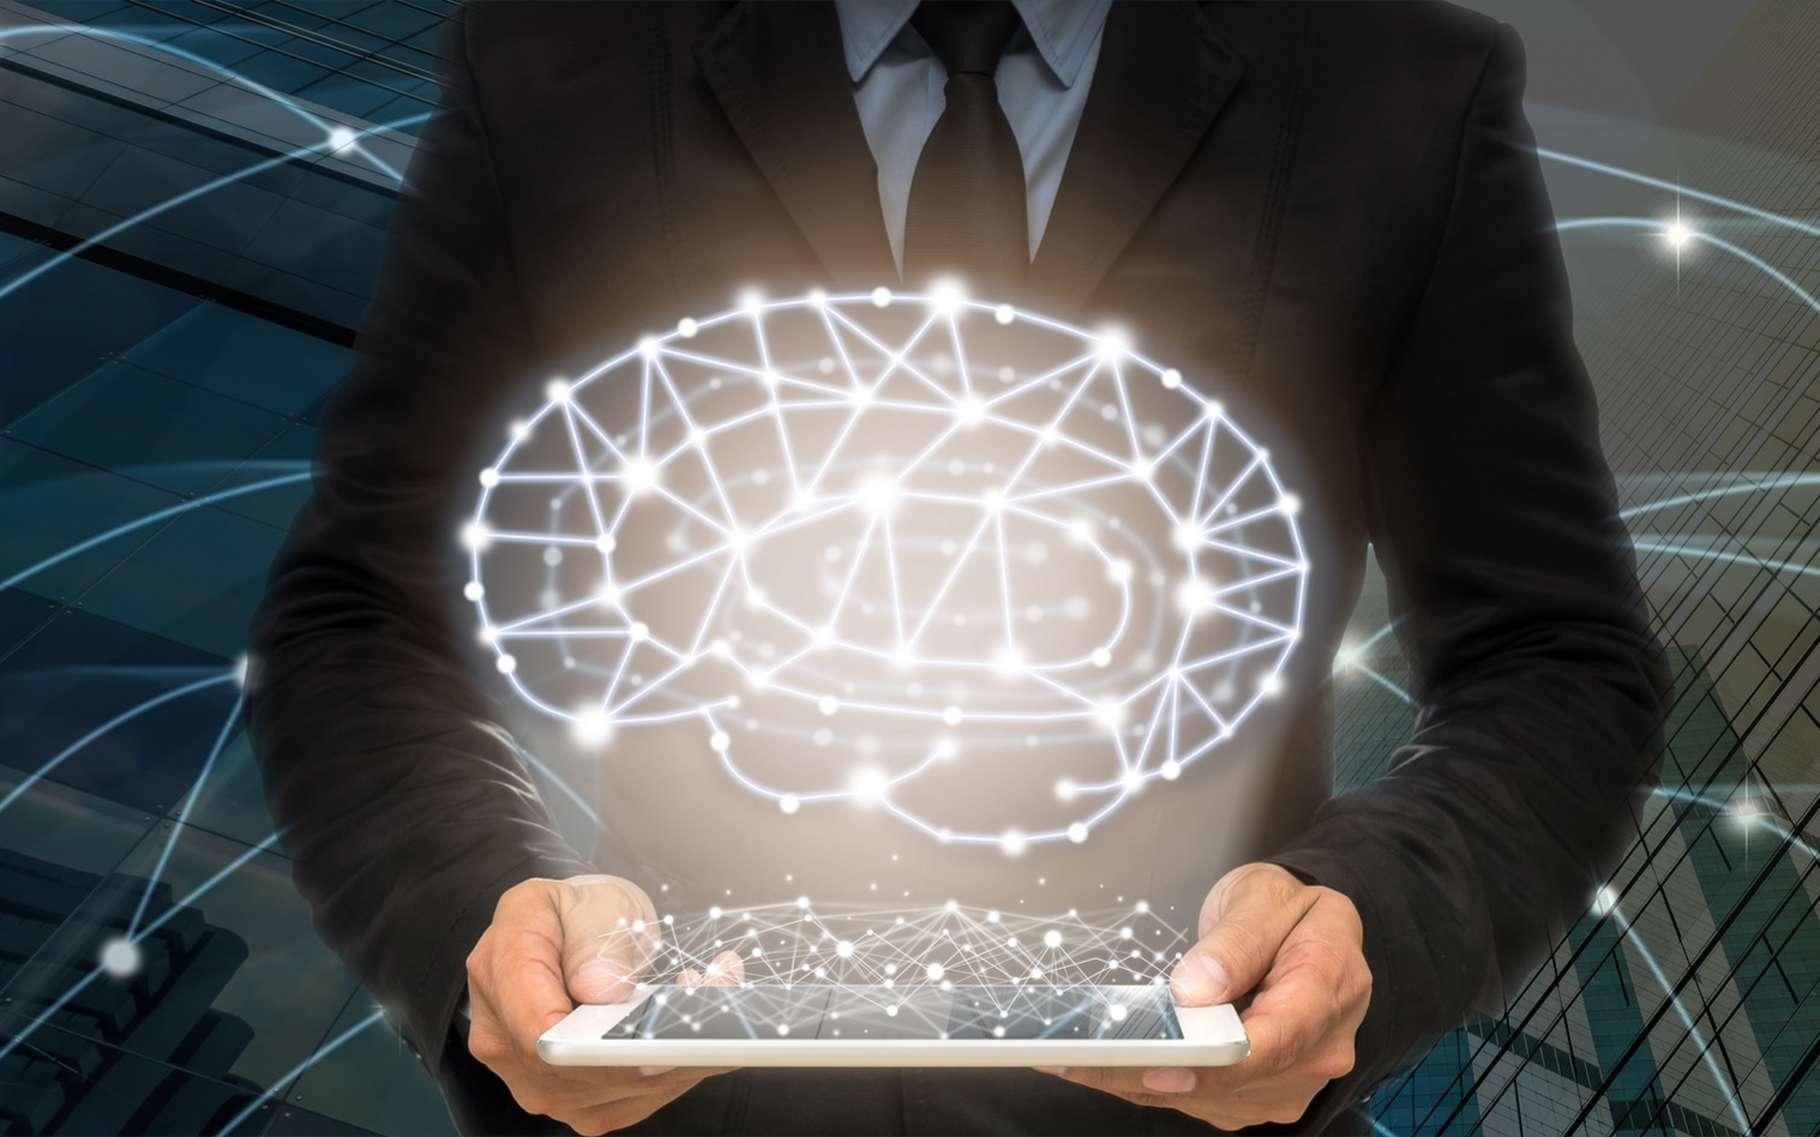 Le connectome représente la carte des réseaux du cerveau. © TZIDO SUN, Shutterstock